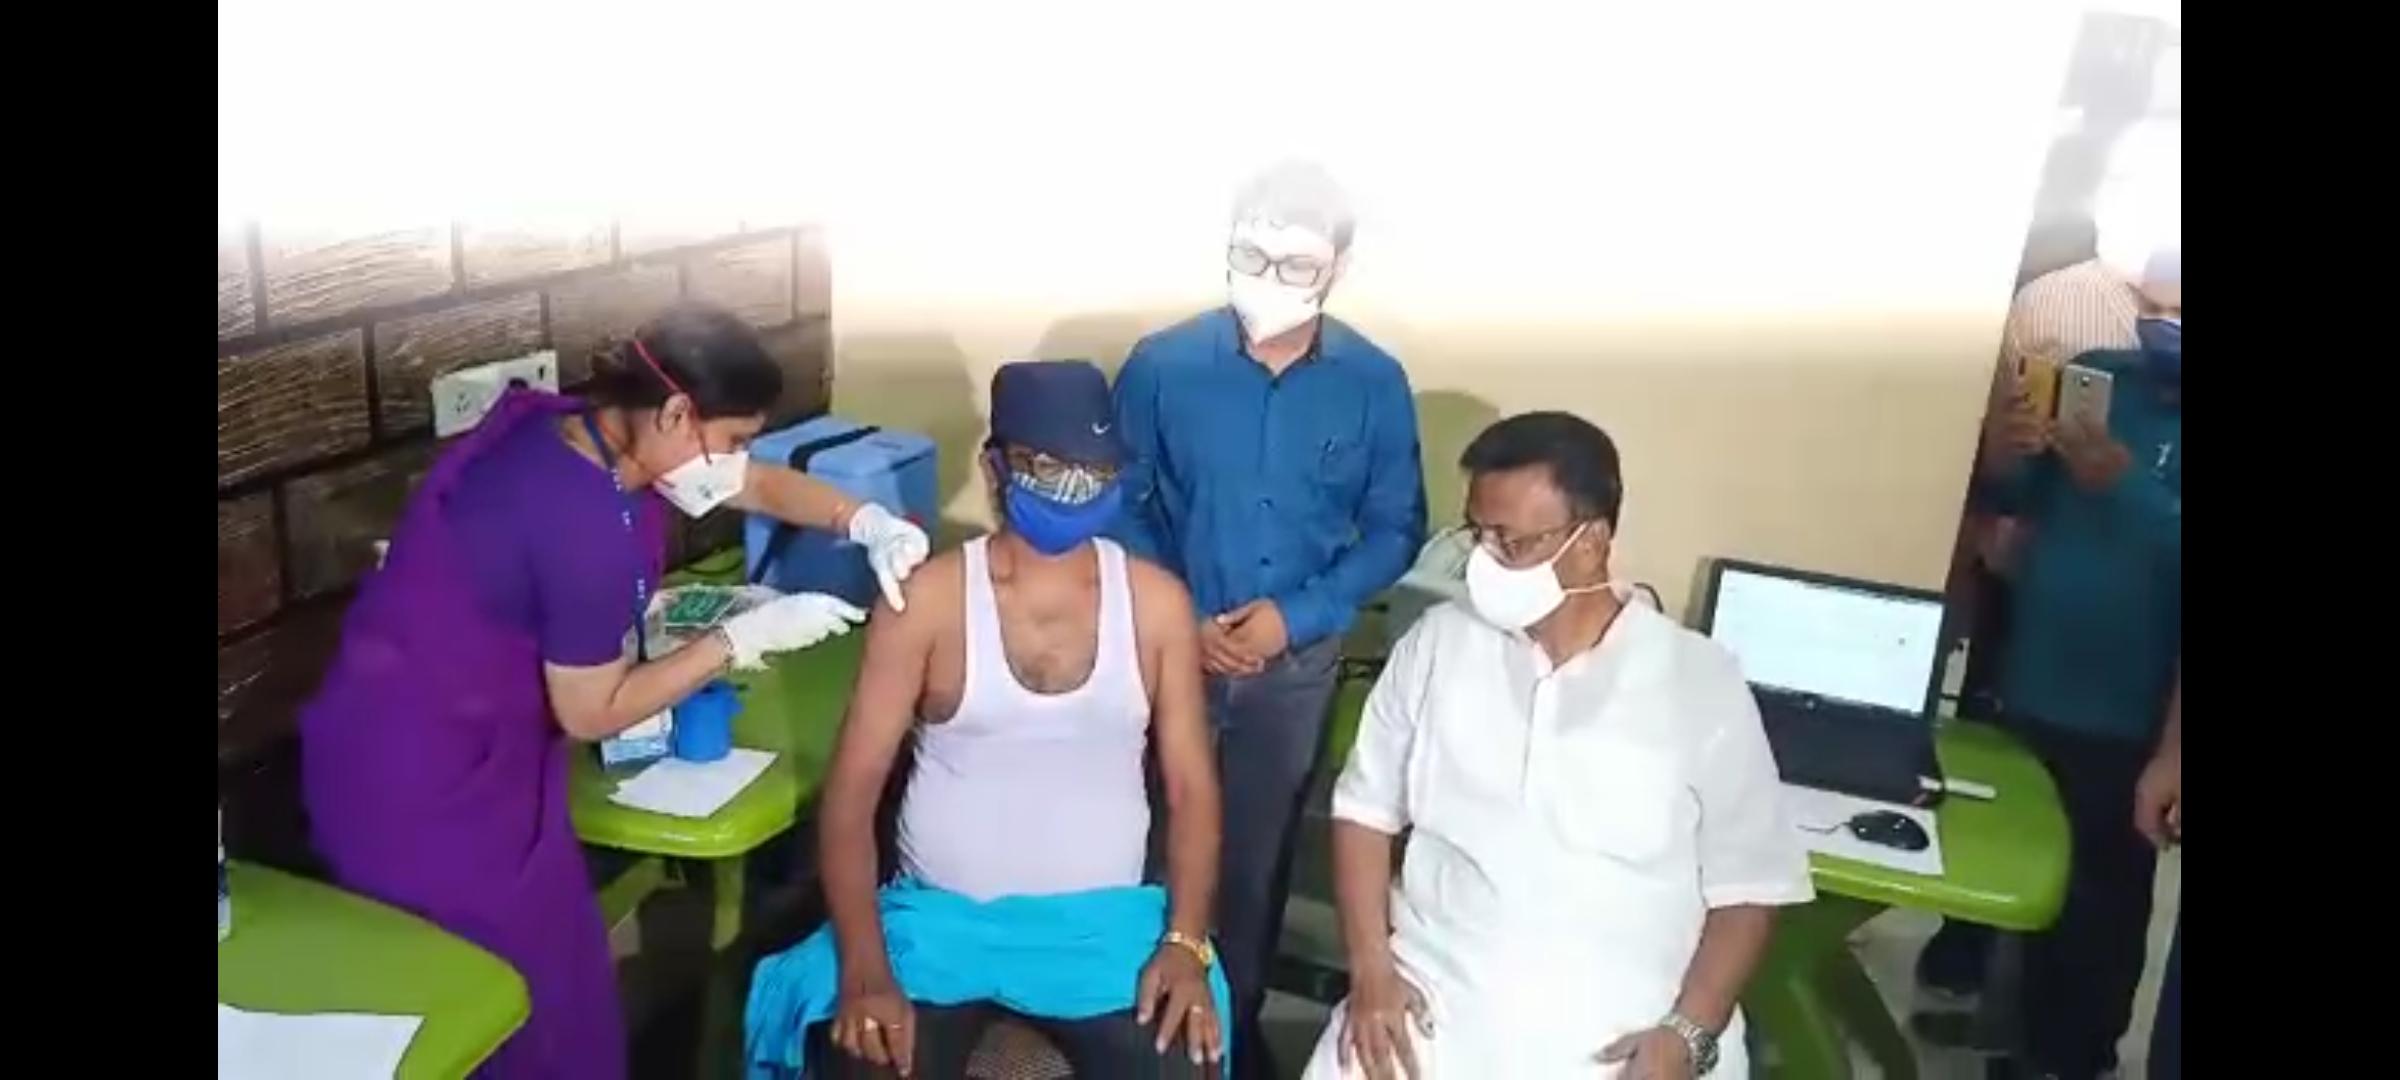 ময়দানে পরিবহণ কর্মীদের ভ্যাকসিন শুরু করালেন পরিবহণমন্ত্রী